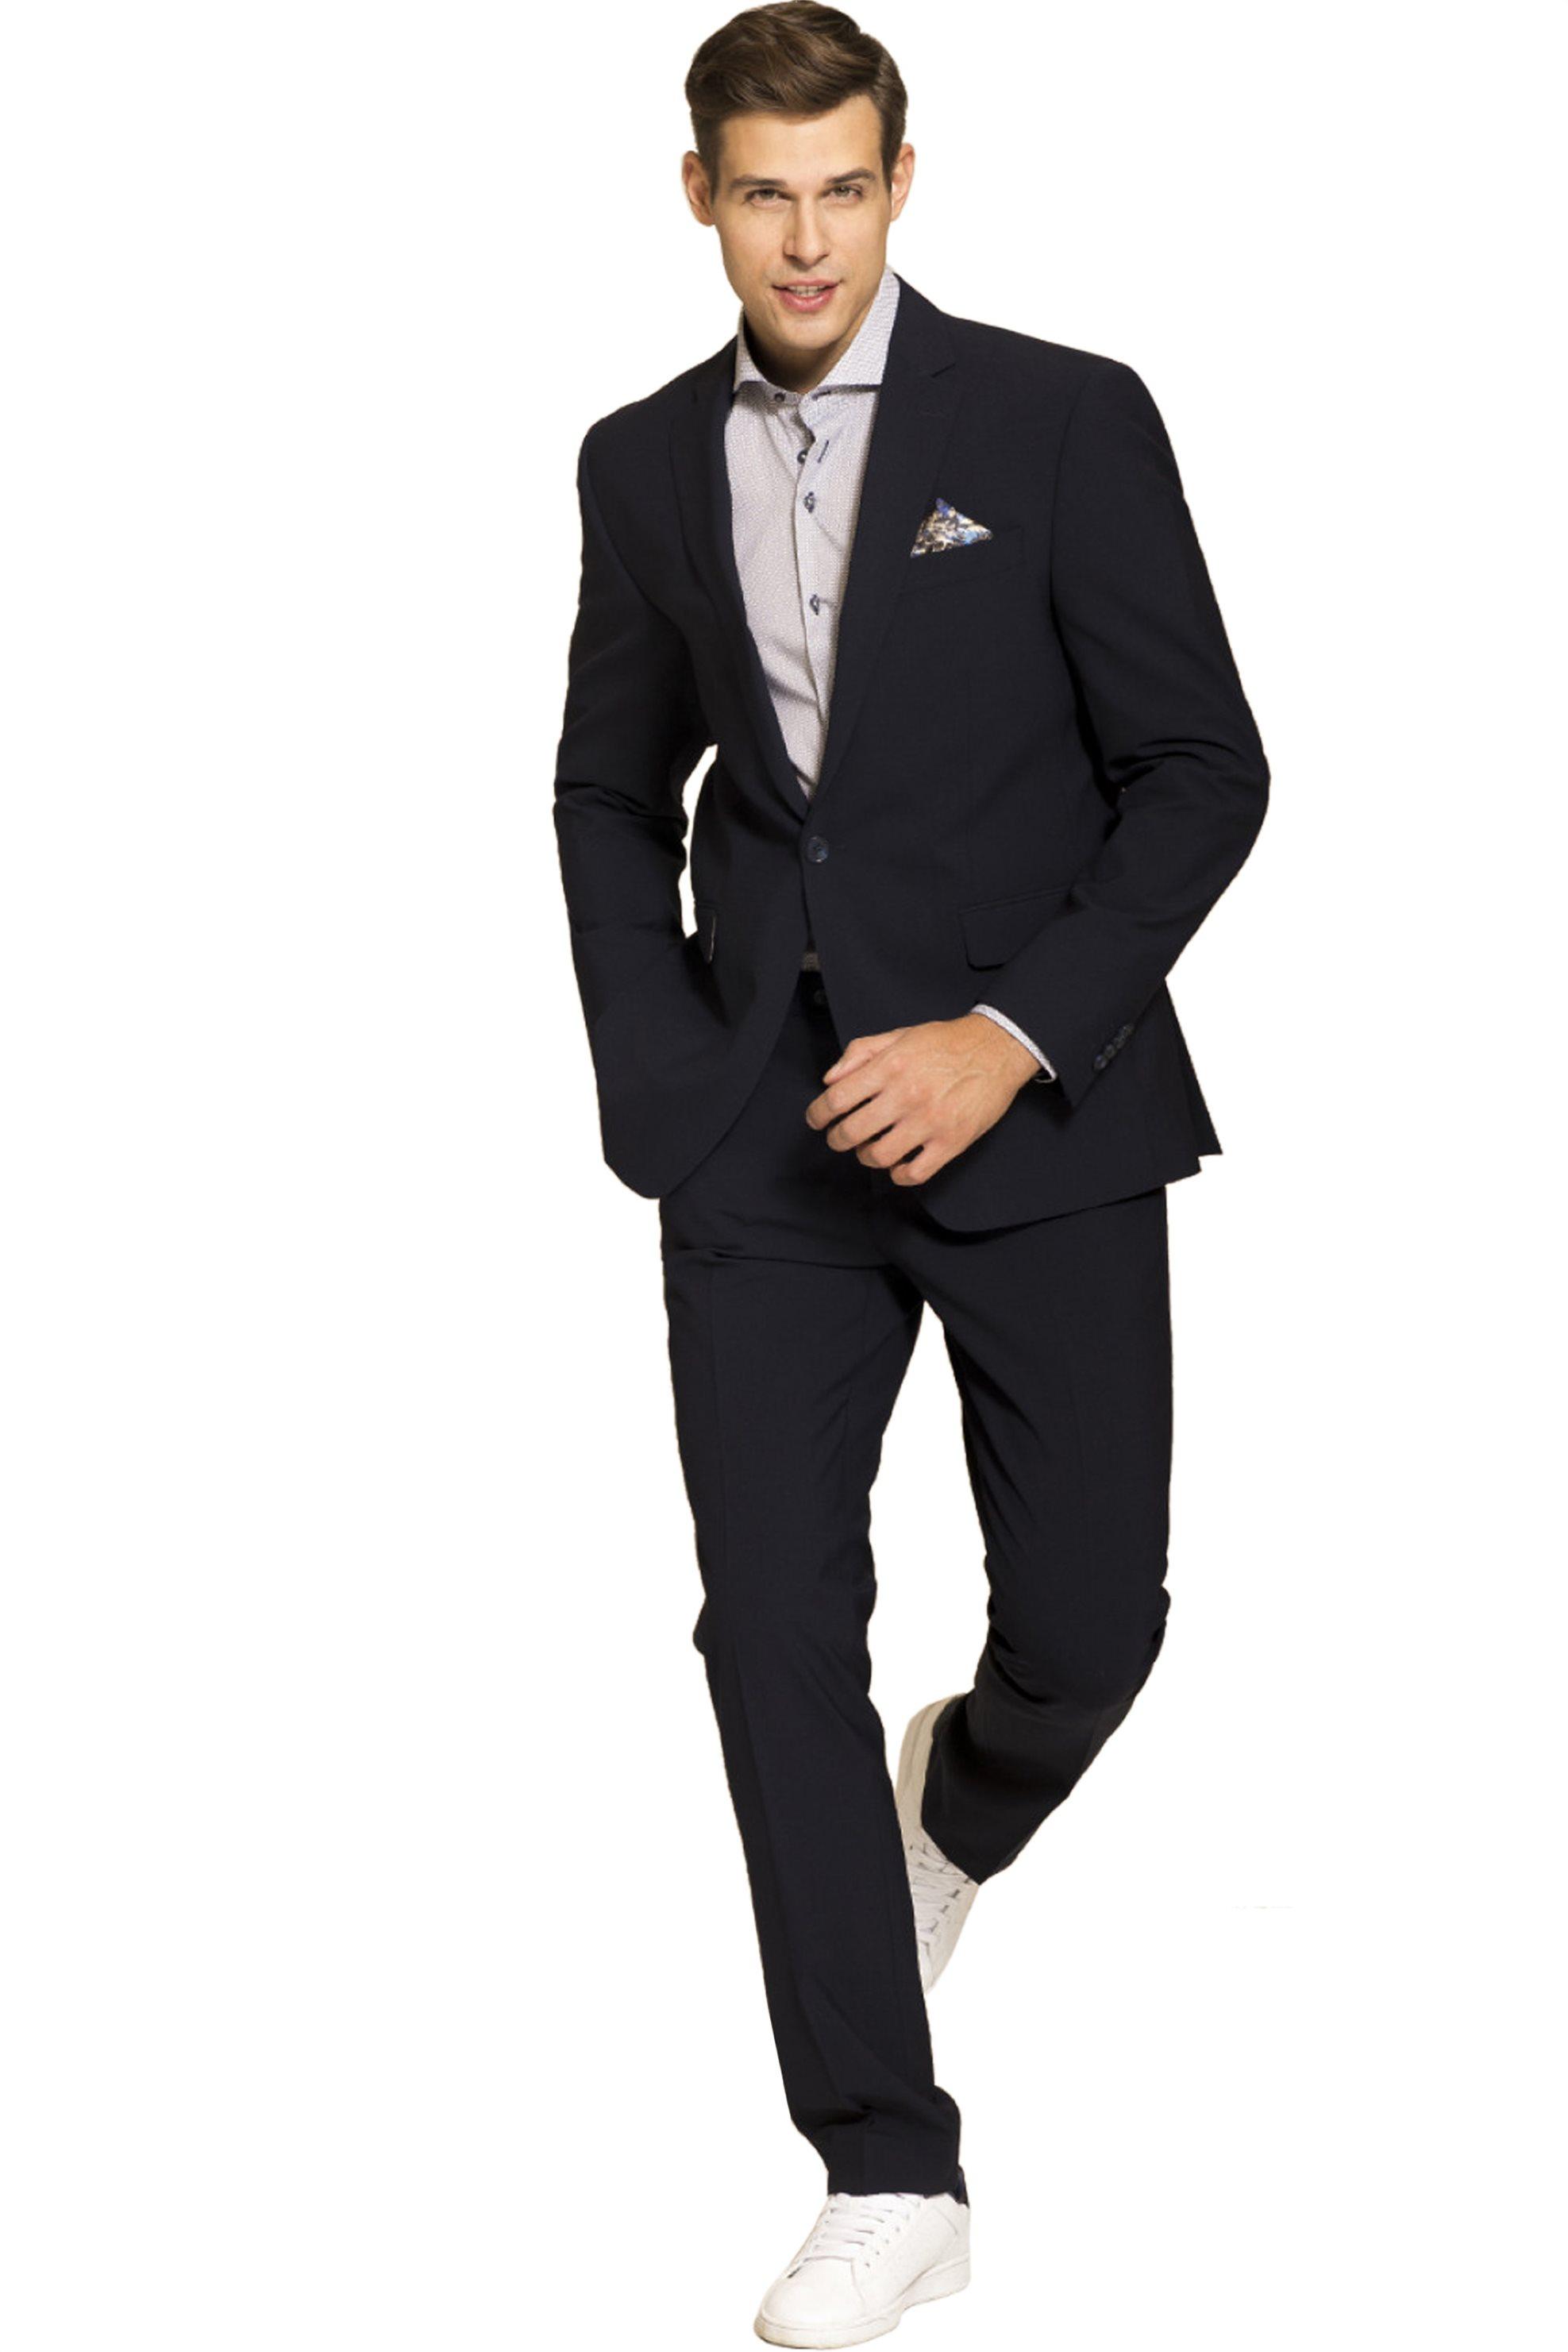 e8ff88a334f Mauro Boano κοστούμι slim fit με ένα κουμπί - 1012829810189 - Μπλε Σκούρο